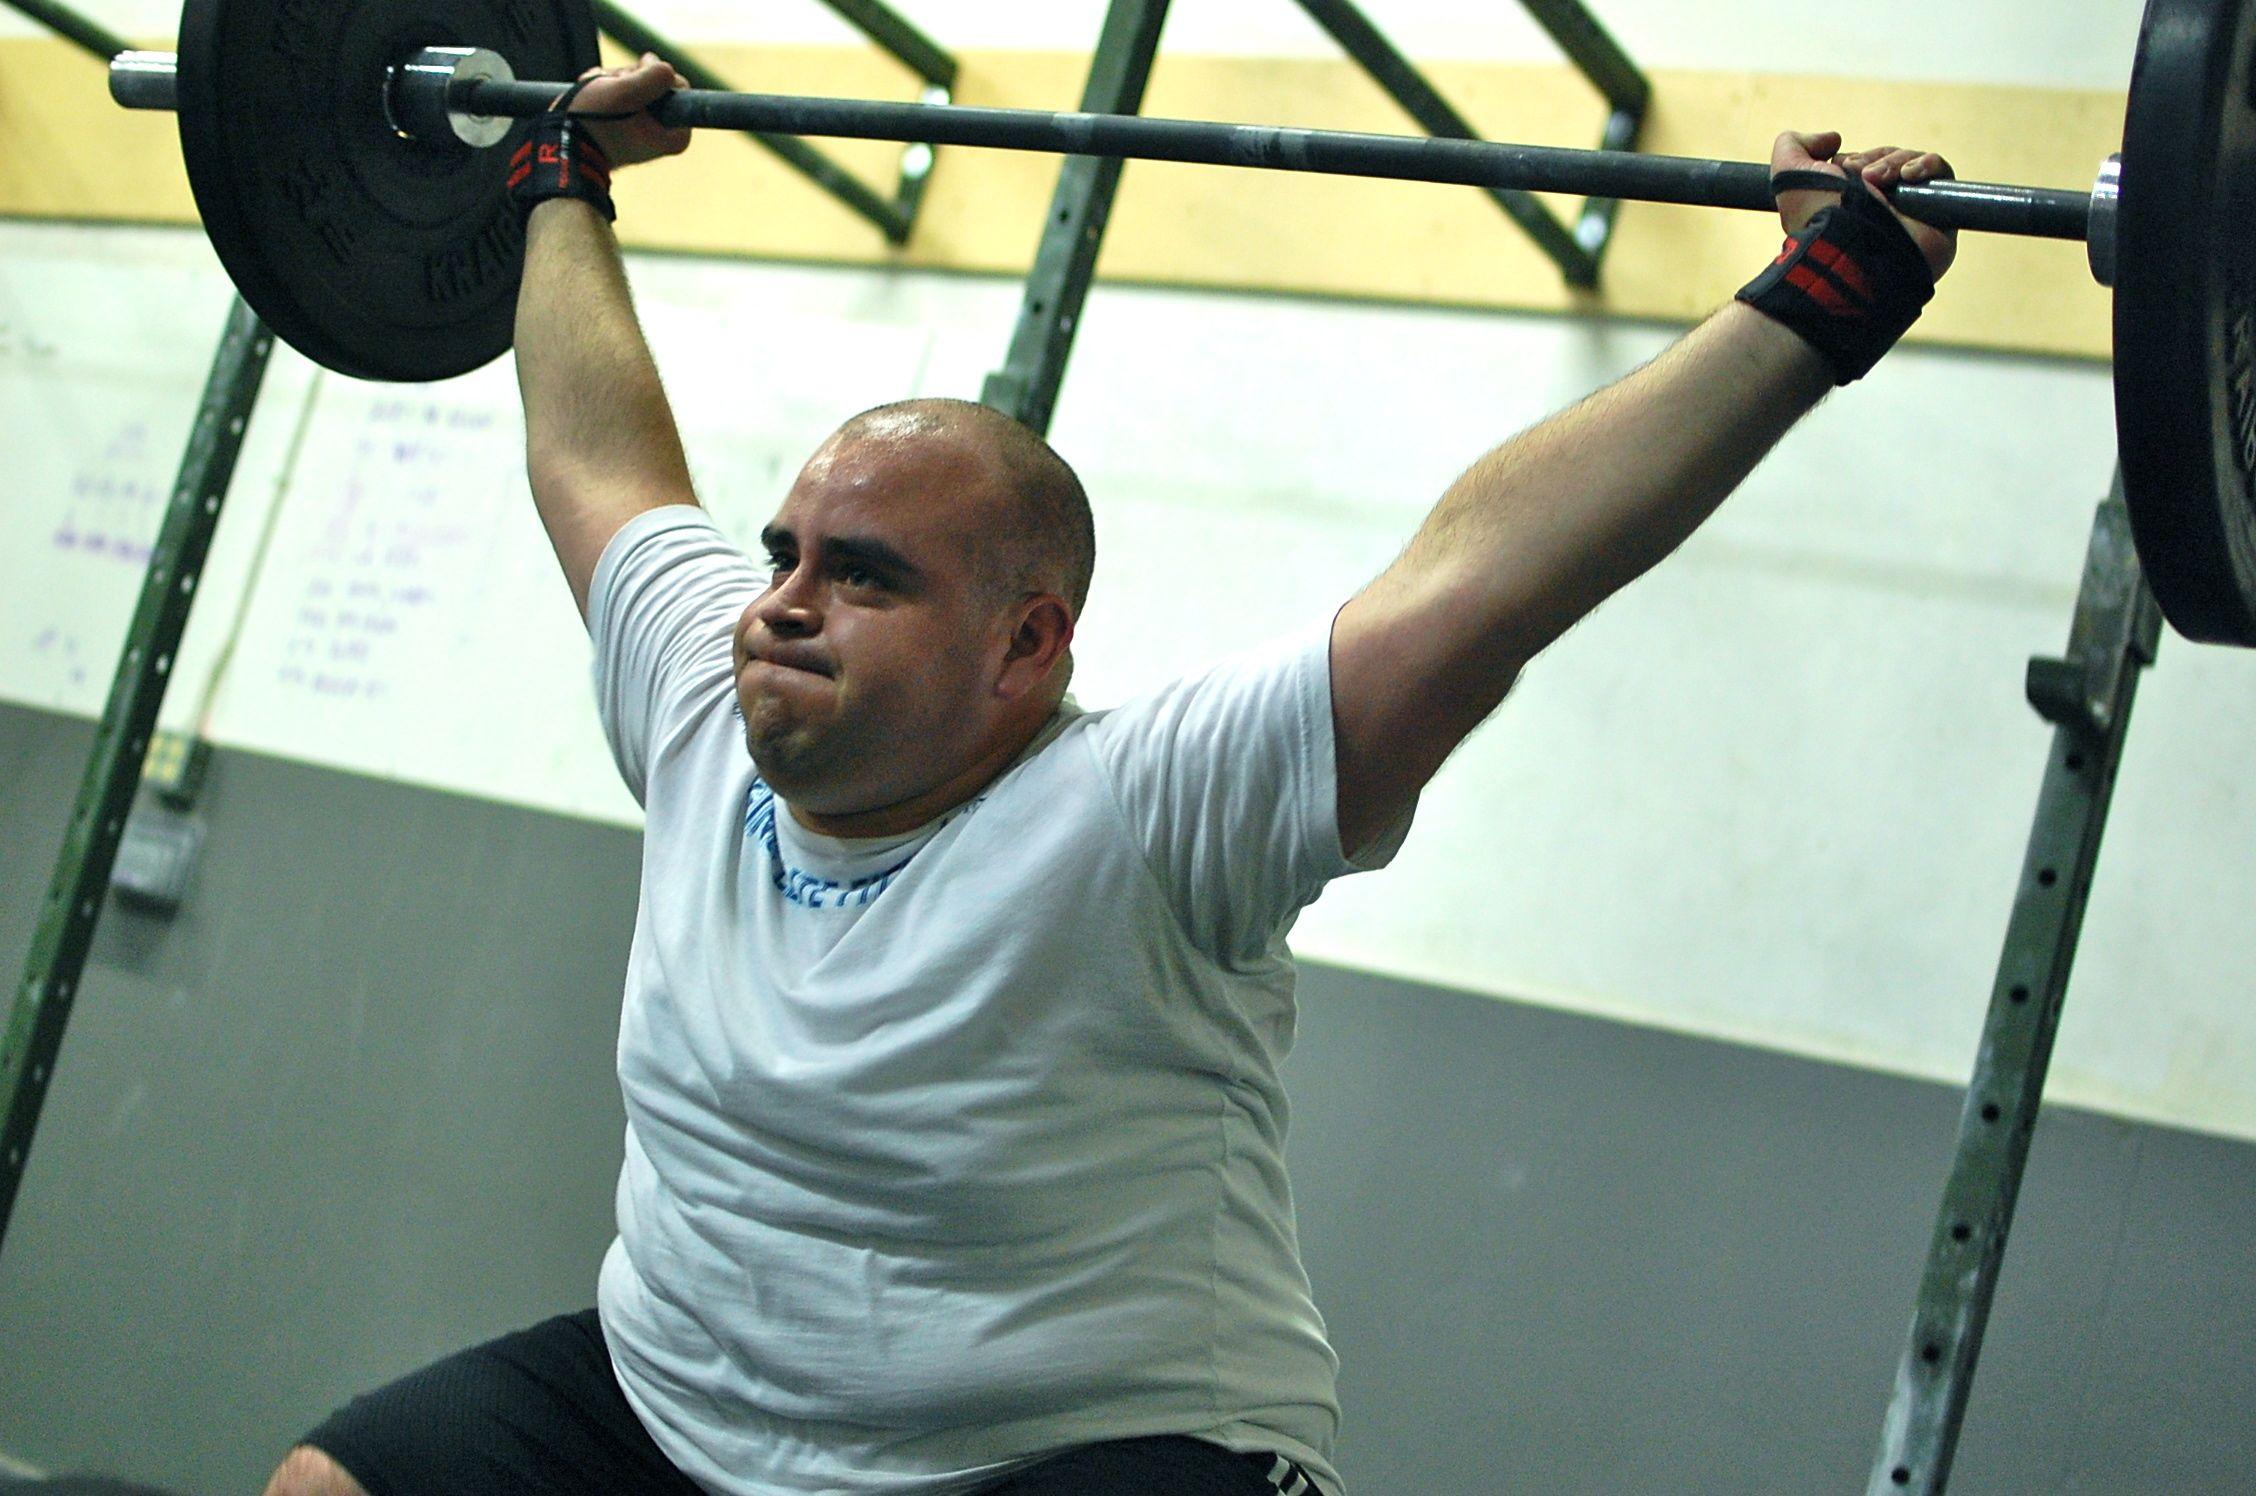 Determined... ANTONIO!